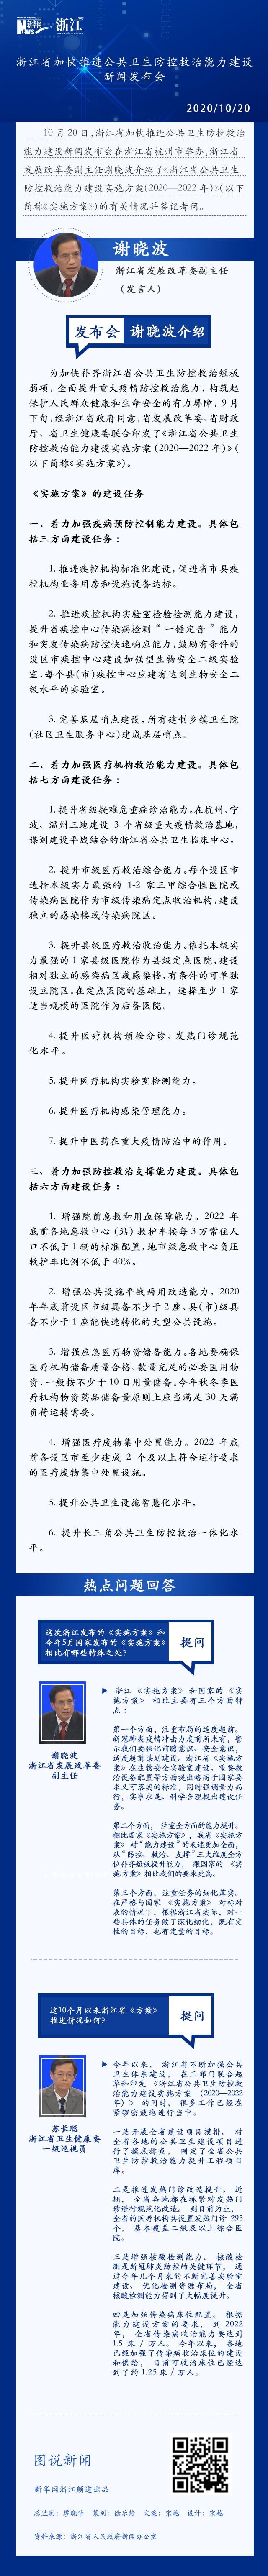 浙江省将全面提升重大疫情防控救治能力